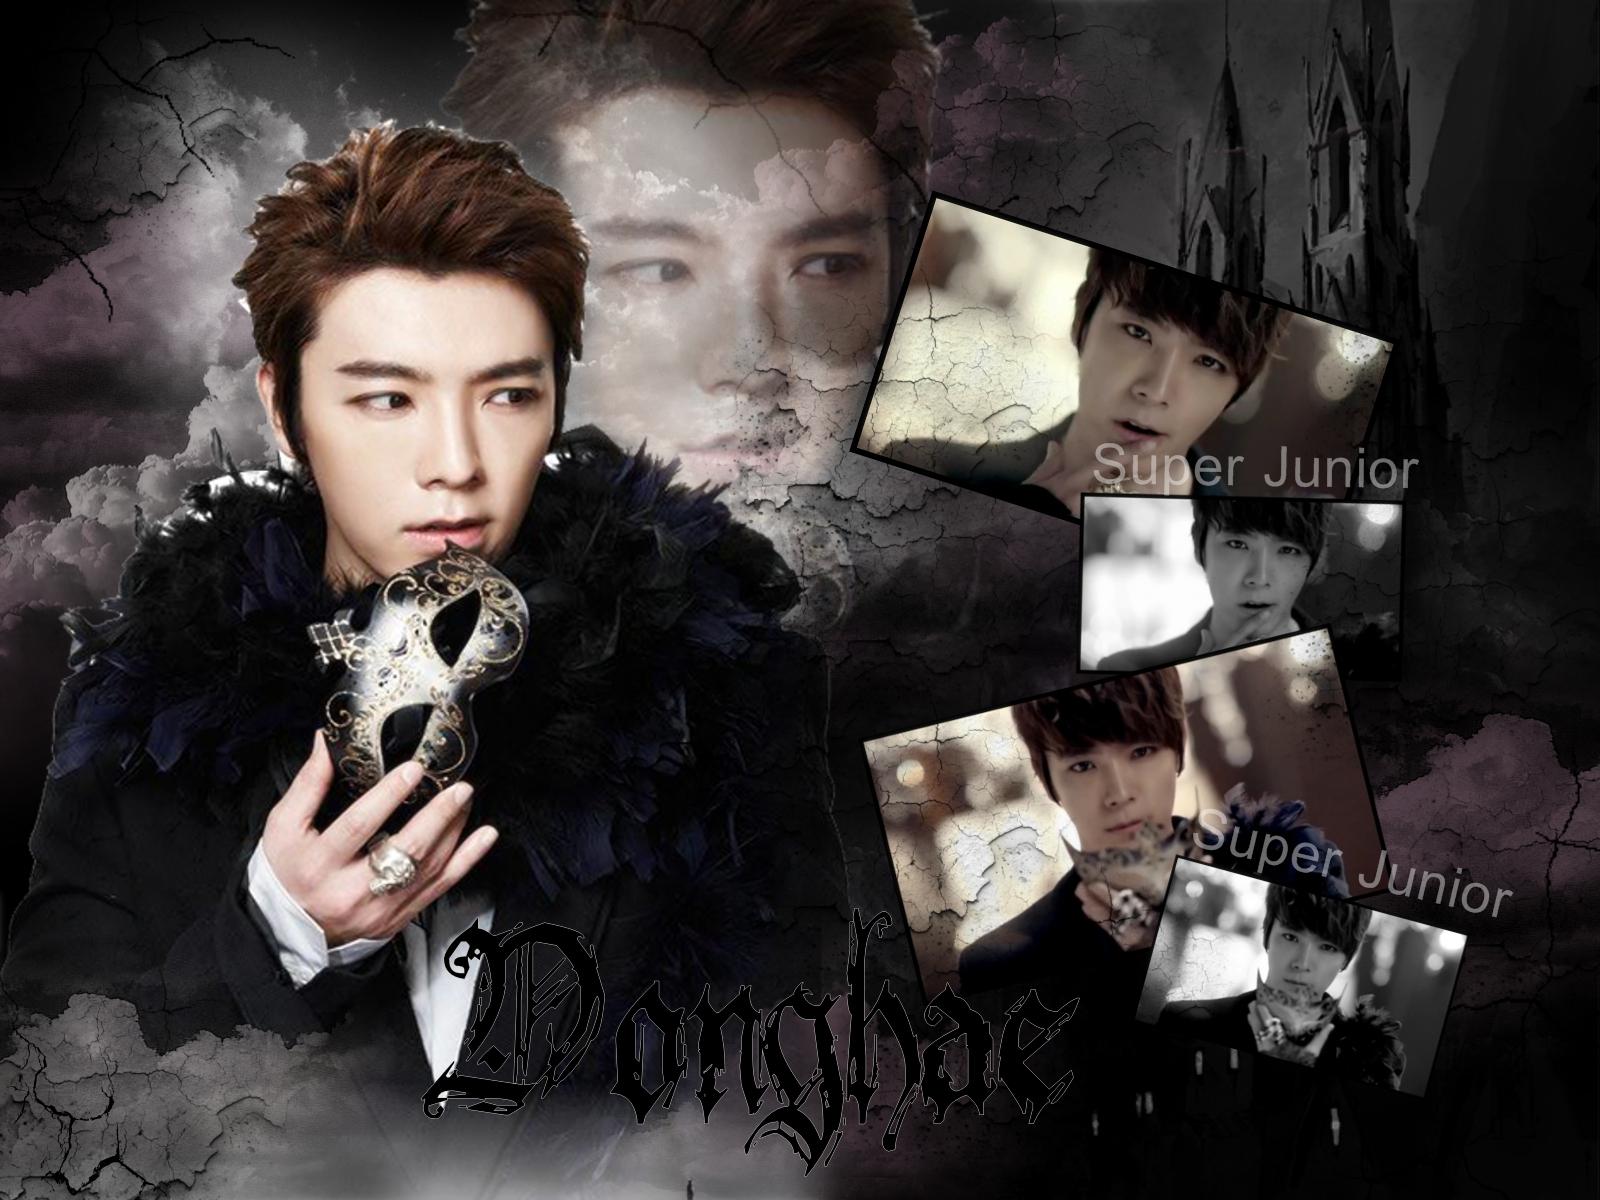 Super Junior Opera Donghae Wallpaper By Foreverk Popfan On Deviantart